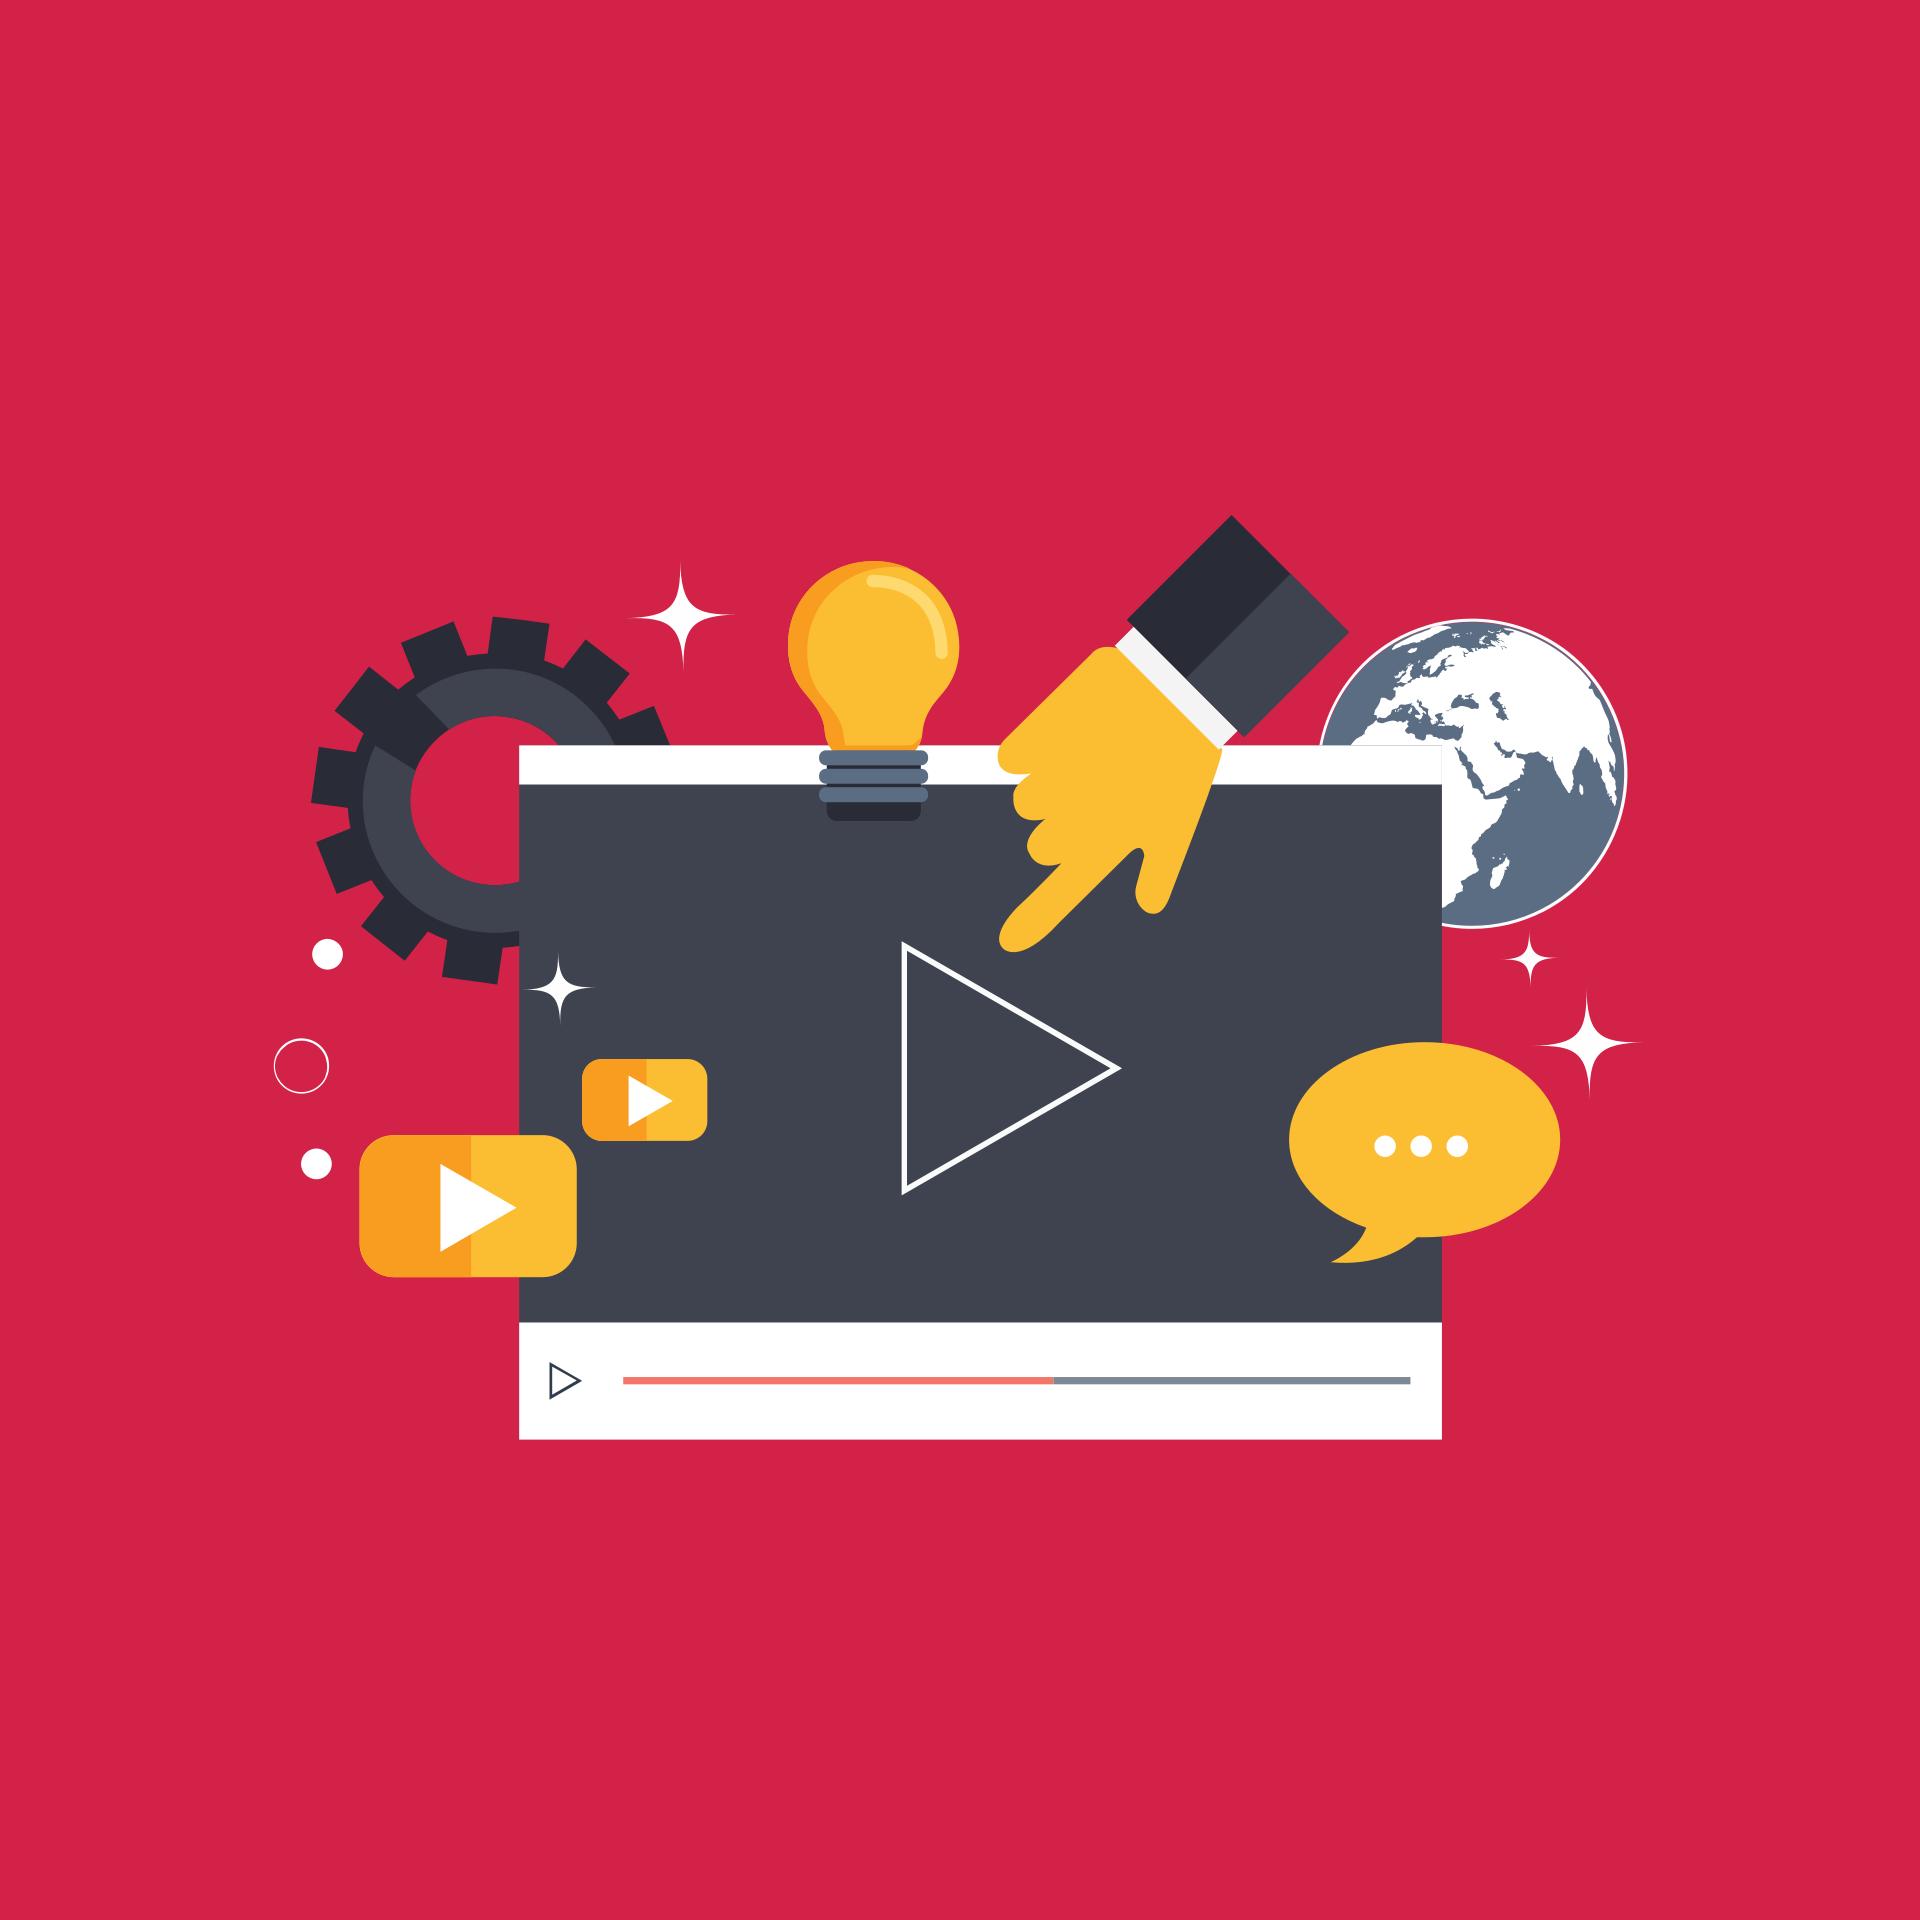 Im'Pulsive - Astuce créer une vidéo efficace sur les réseaux sociaux